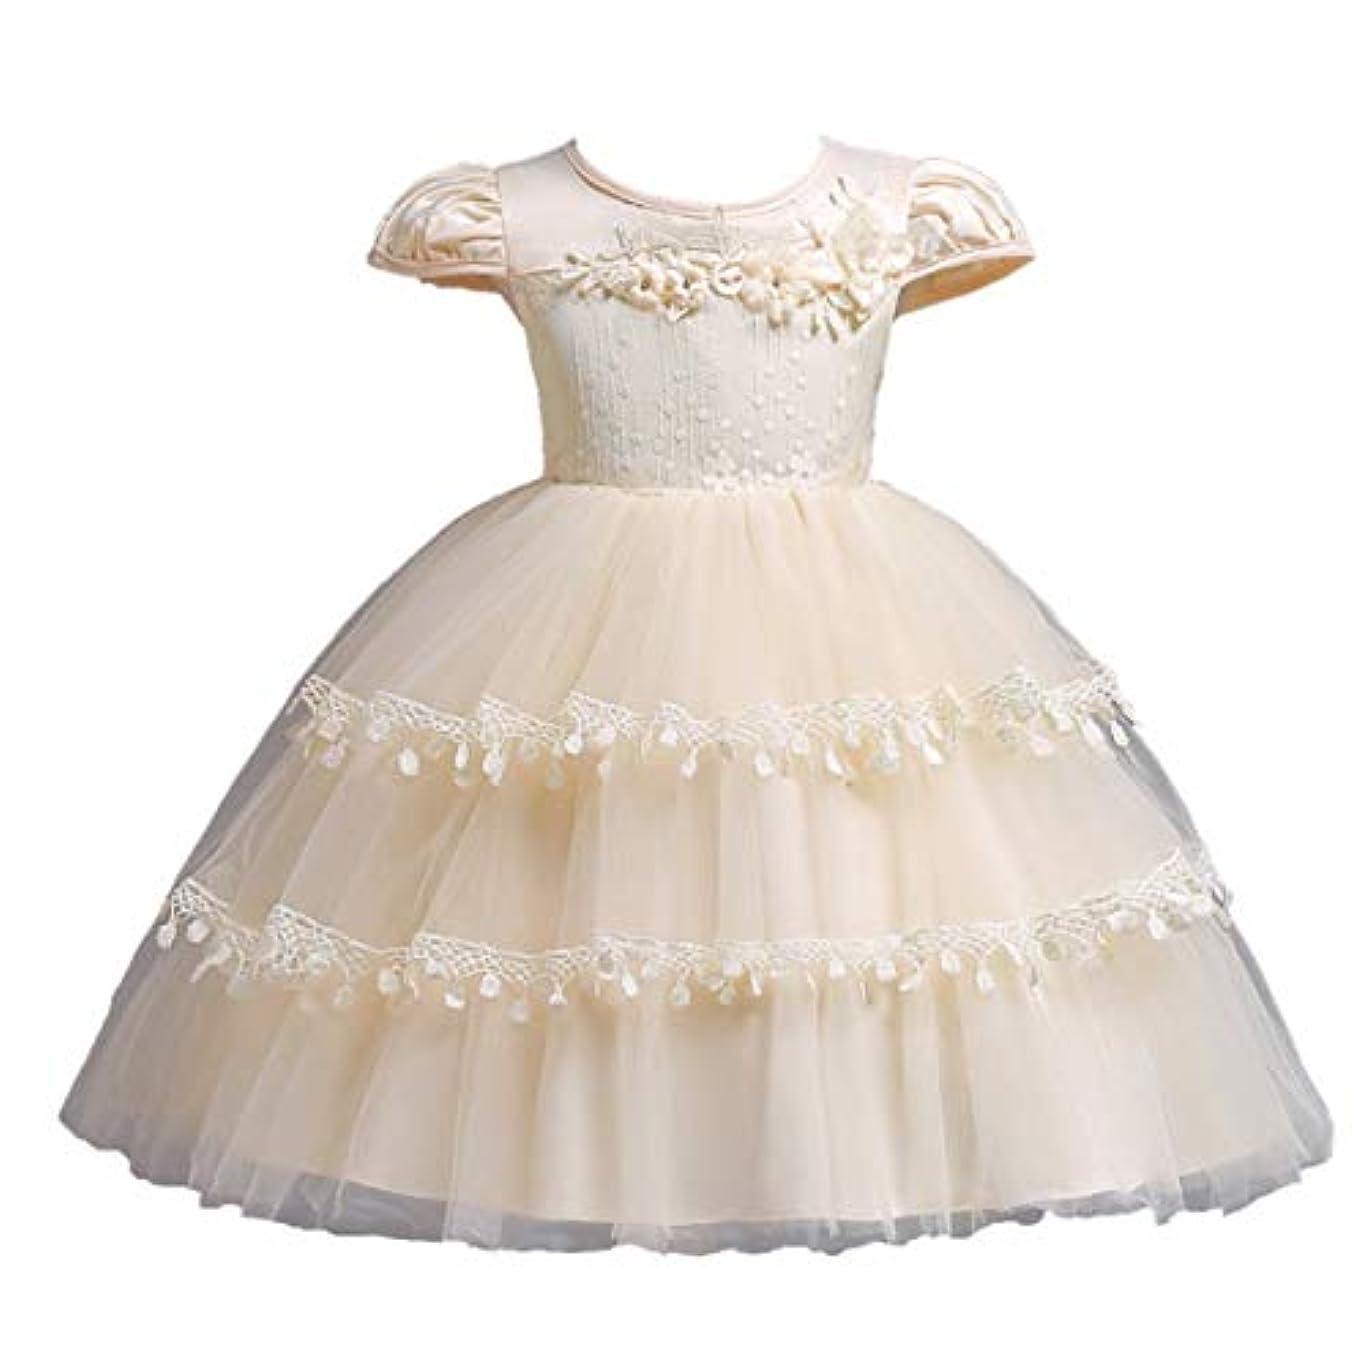 きしむ女性クールシャンパンの赤ちゃんの女の子の花刺繍ケーキバブルスカート子供半袖ワンピースパーティードレス-シャンパン-120 cm